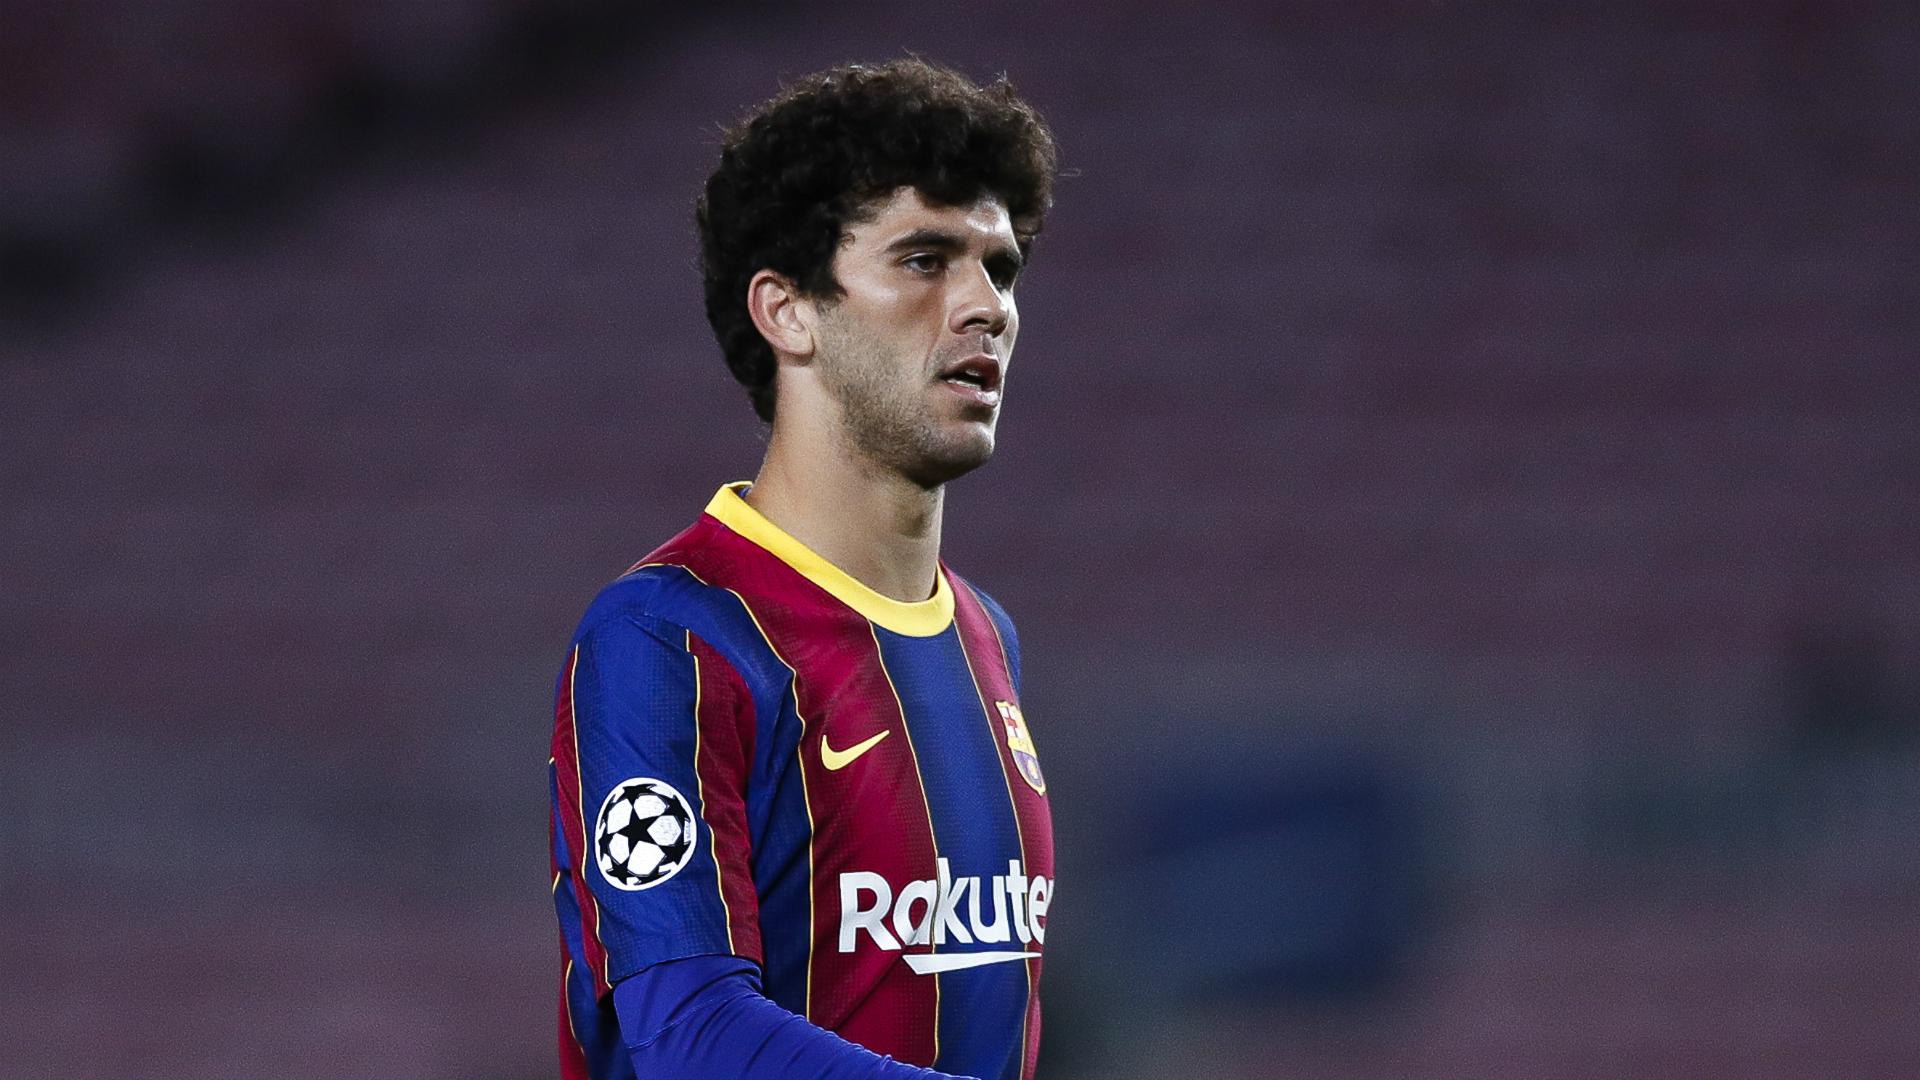 Barcelona midfielder Alena joins Getafe on loan